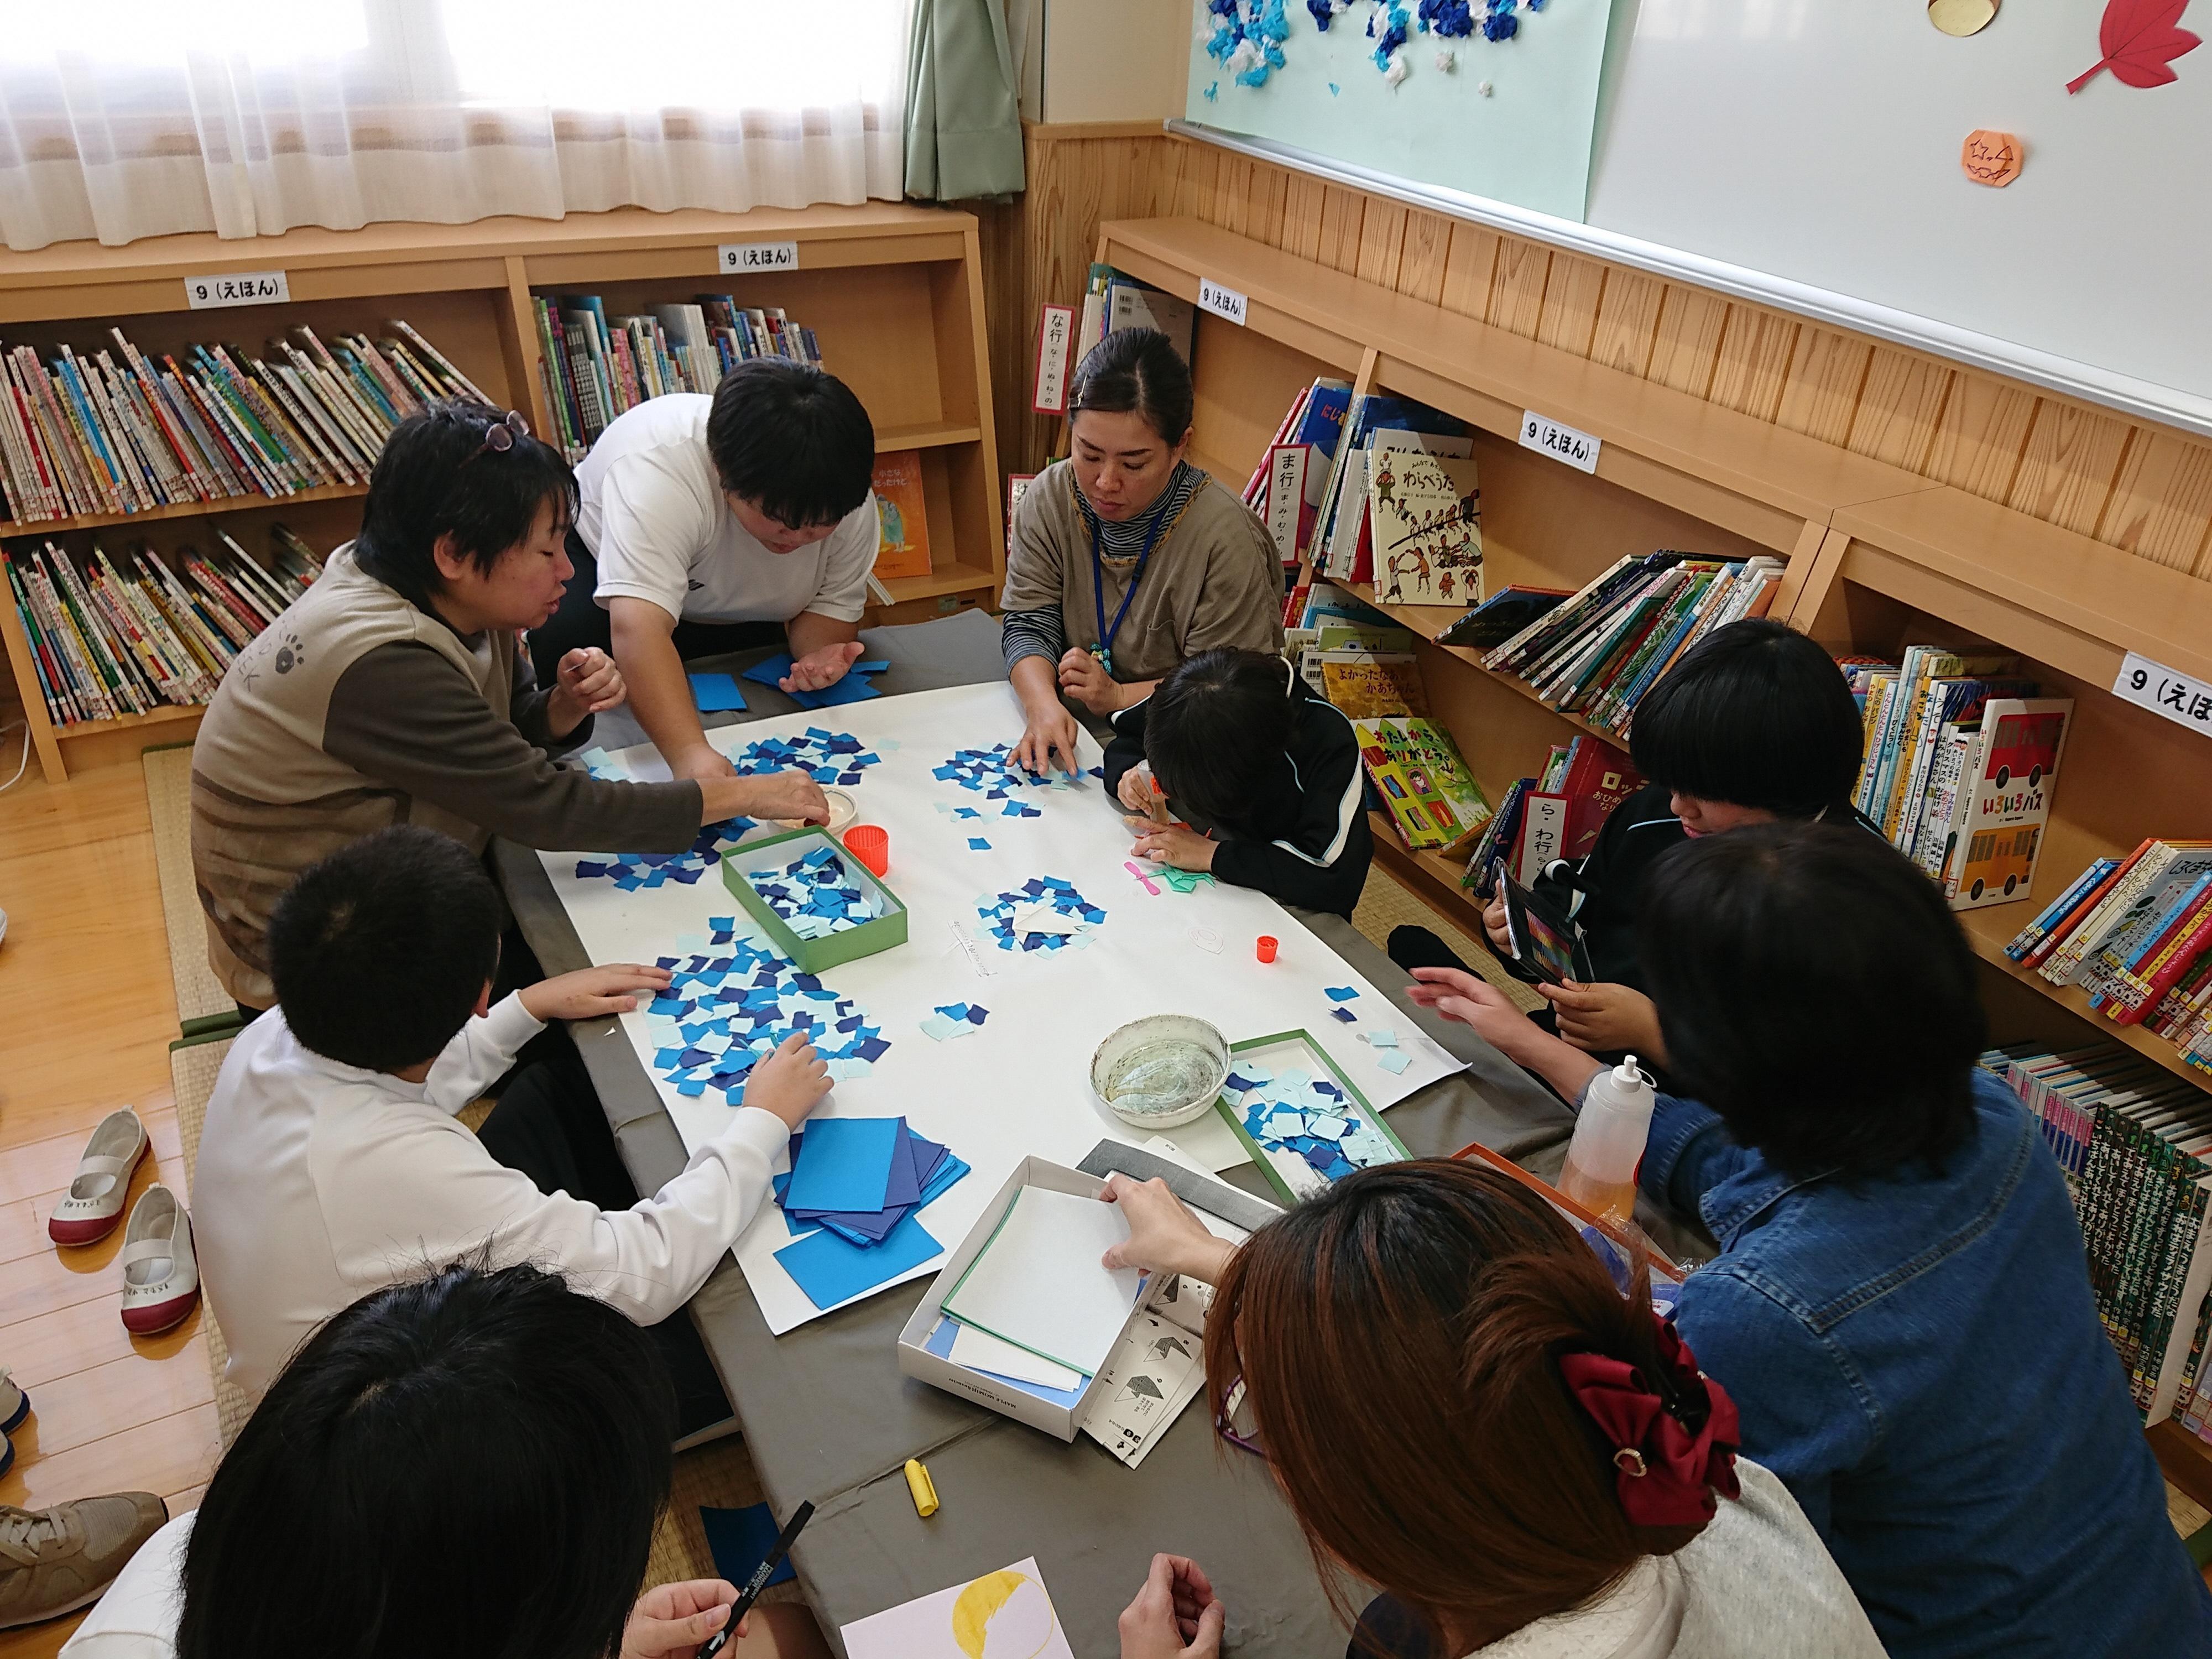 http://www.shimanet.ed.jp/hamadayougo/news/DSC_5974.JPG